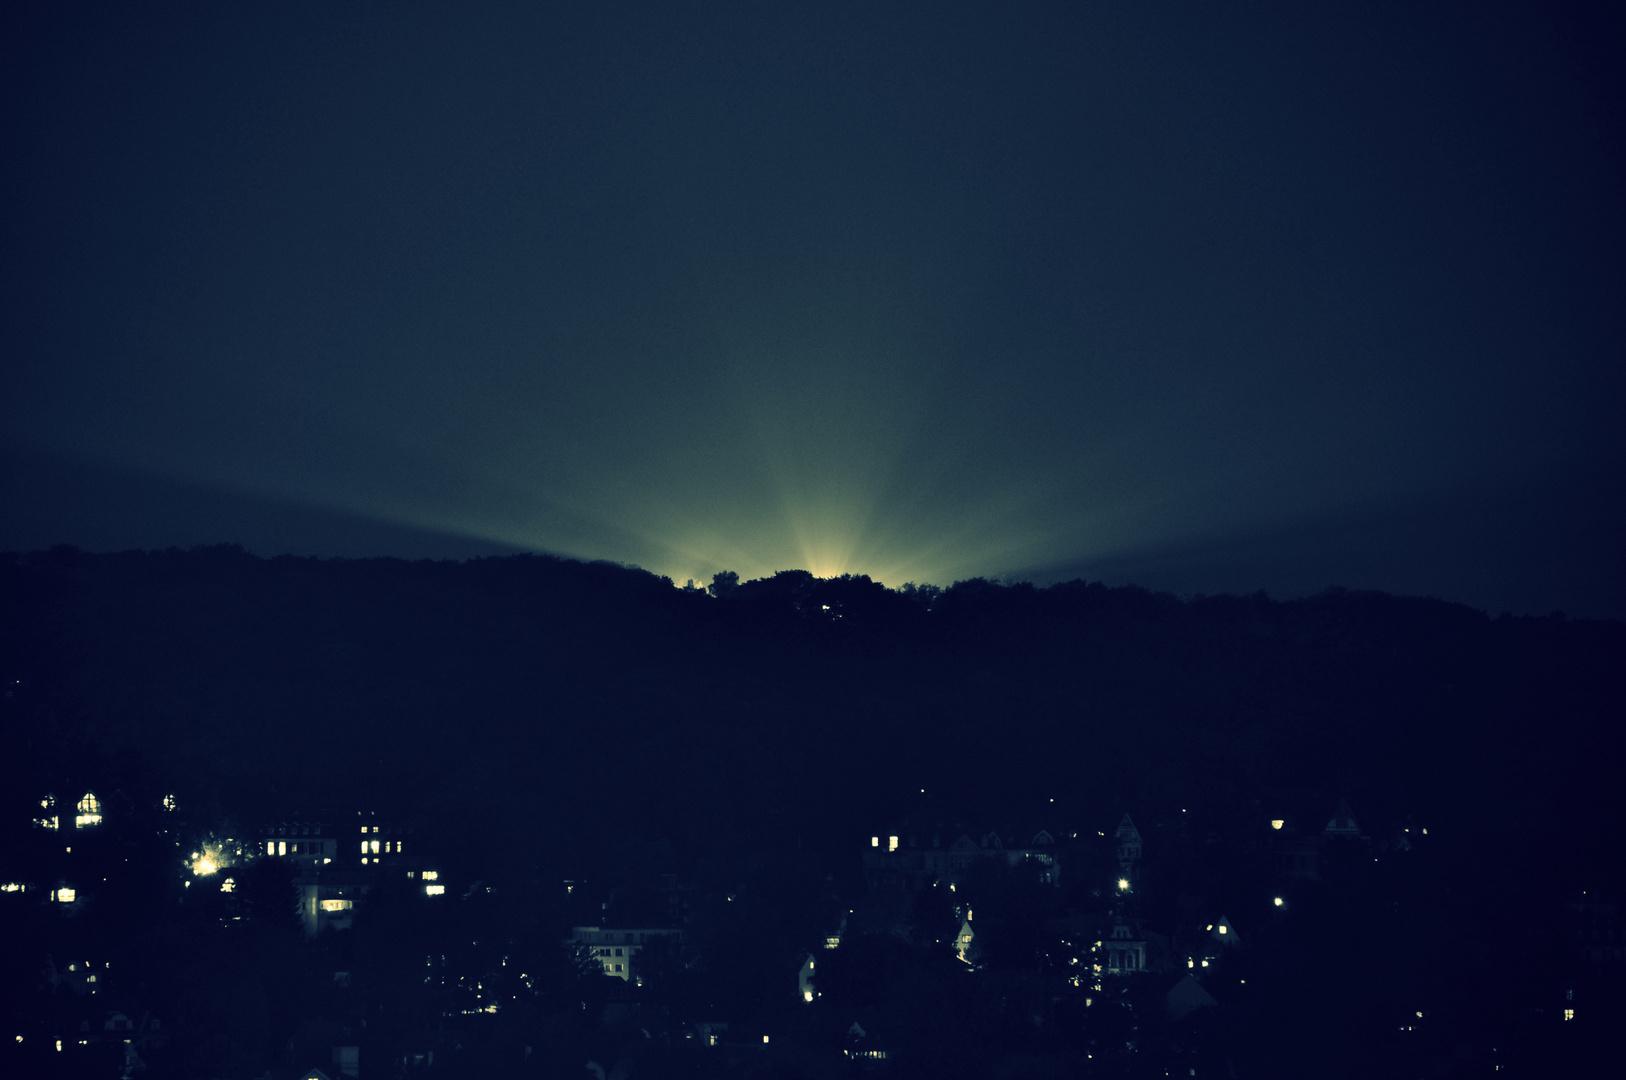 Merkwürdige Lichter am Horizont